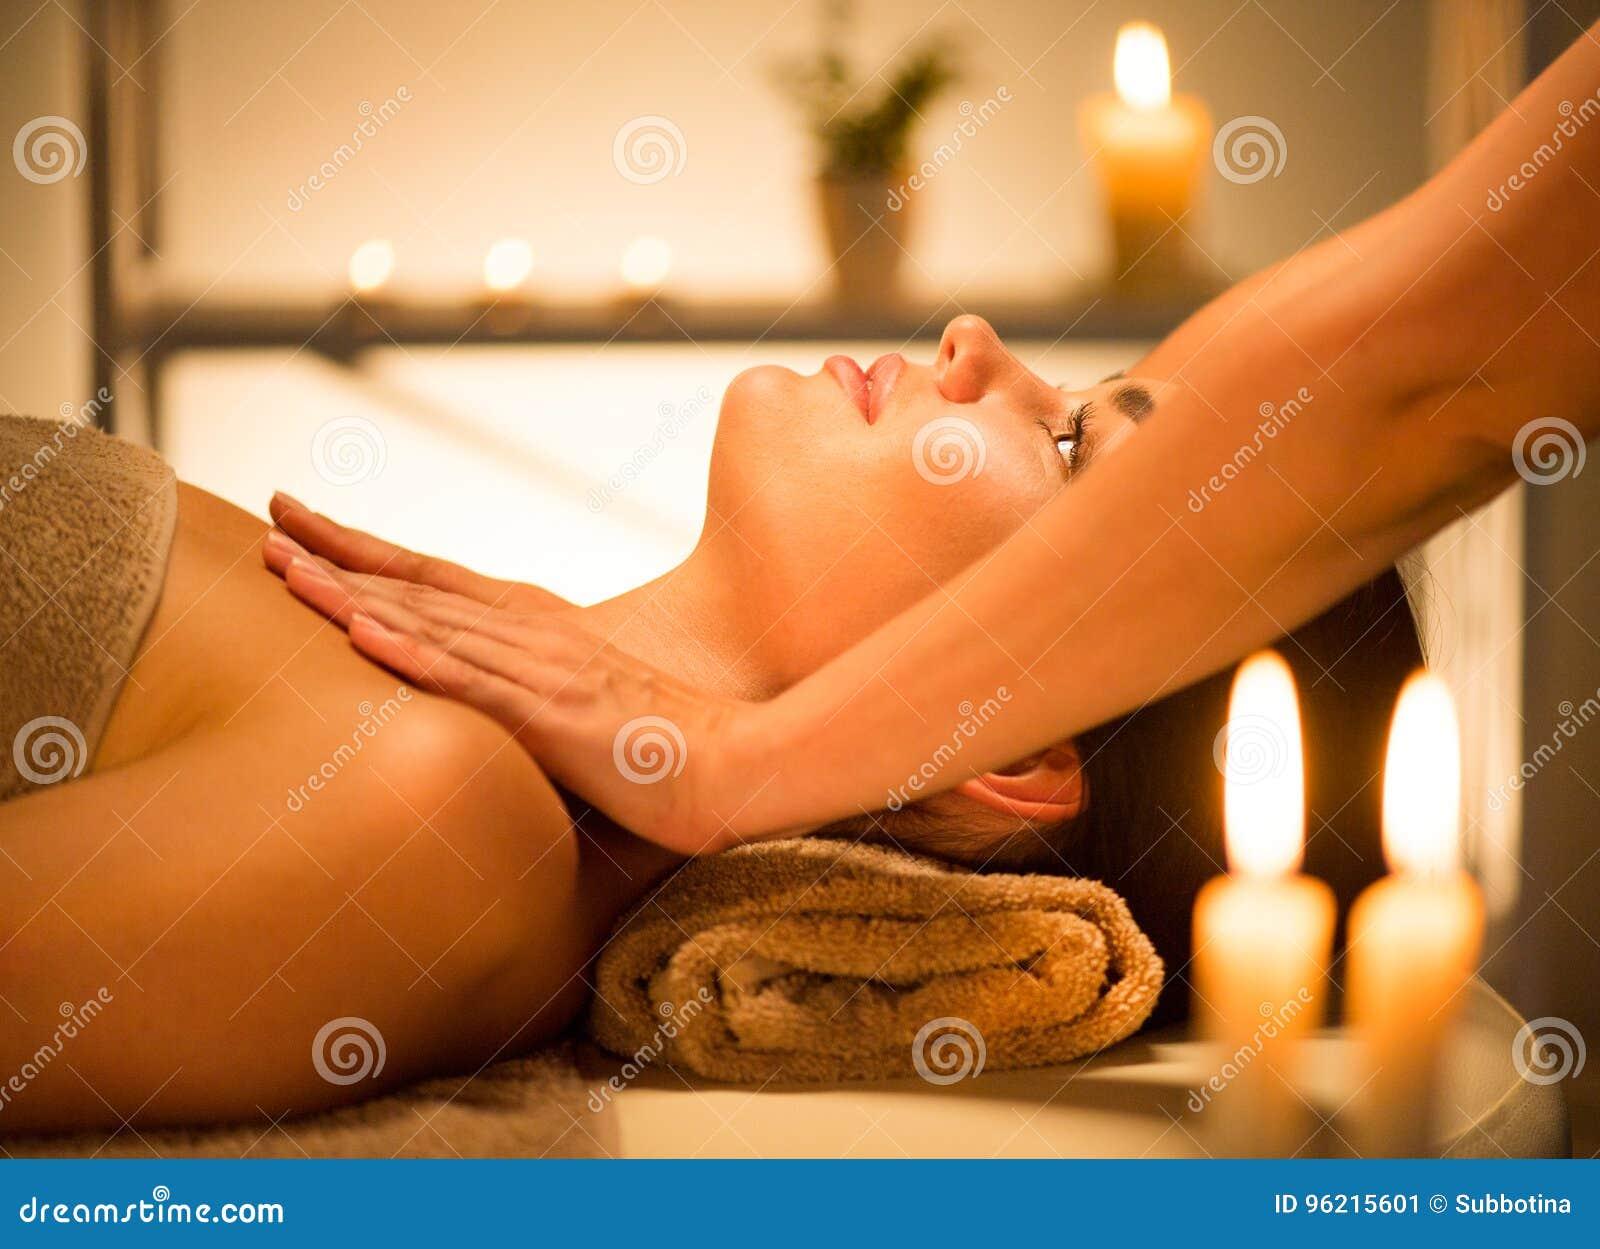 Spa. Beauty woman enjoying relaxing body massage in spa salon